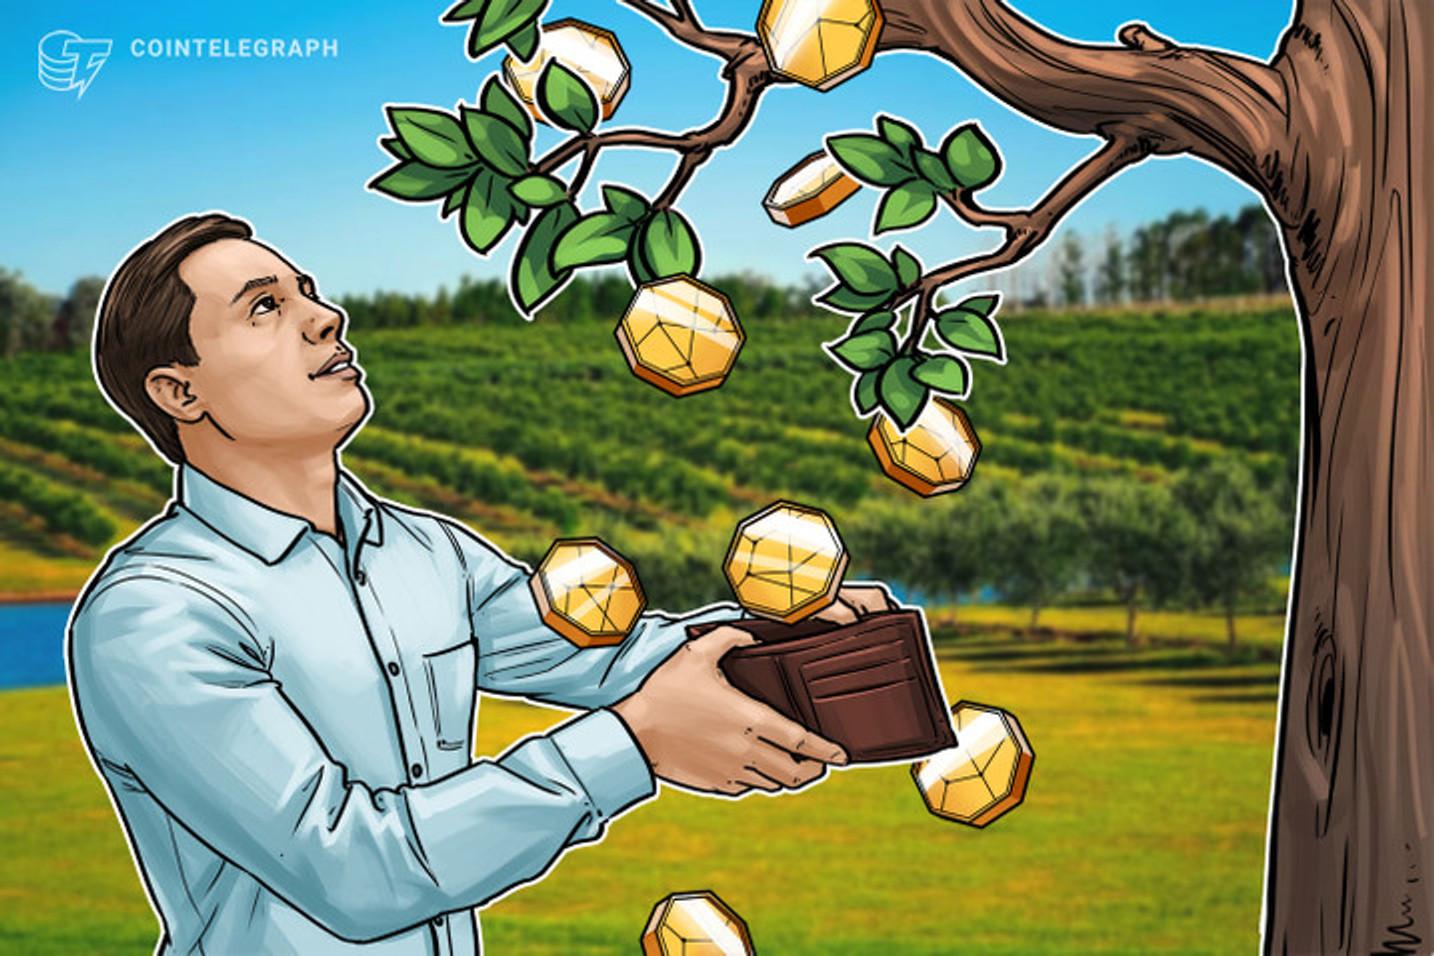 Banco Inter fecha parceria com Vitreo para oferecer investimentos em fundos de criptomoedas a seus clientes